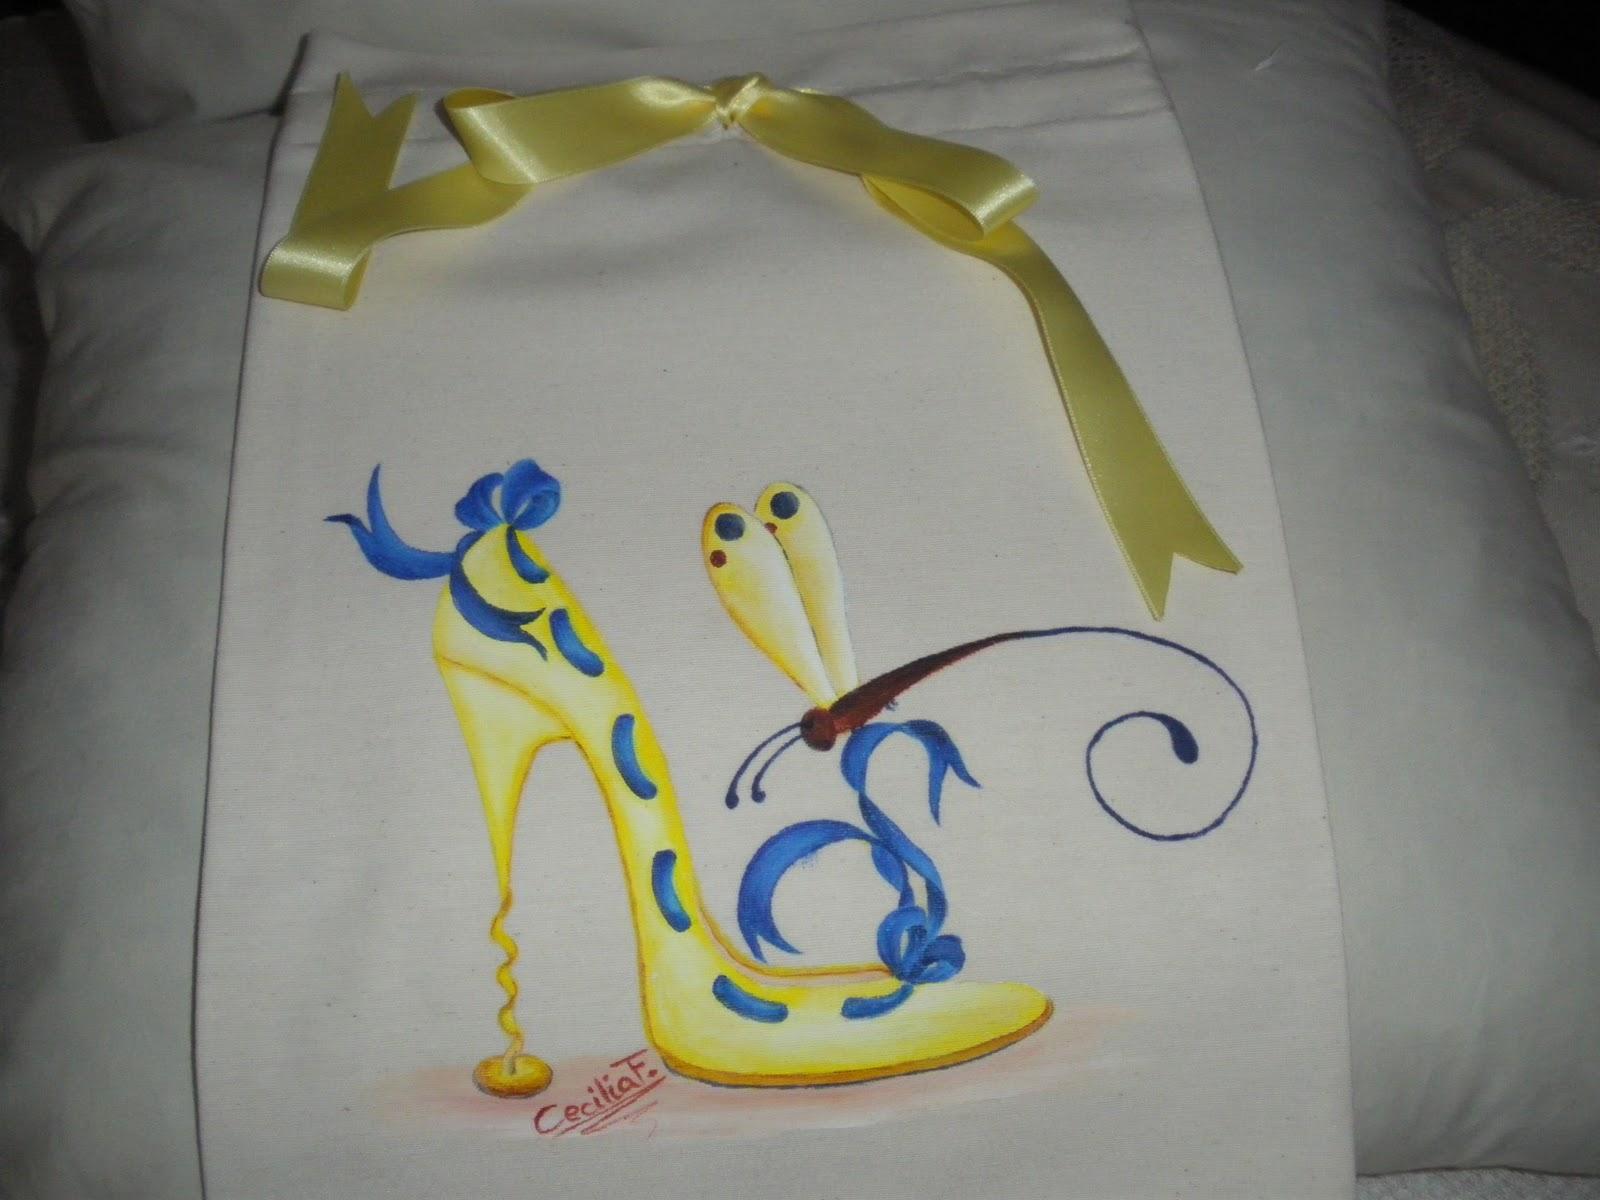 Artesania pintura en tela y manualidades noviembre 2010 - Manualidades de navidad en tela ...